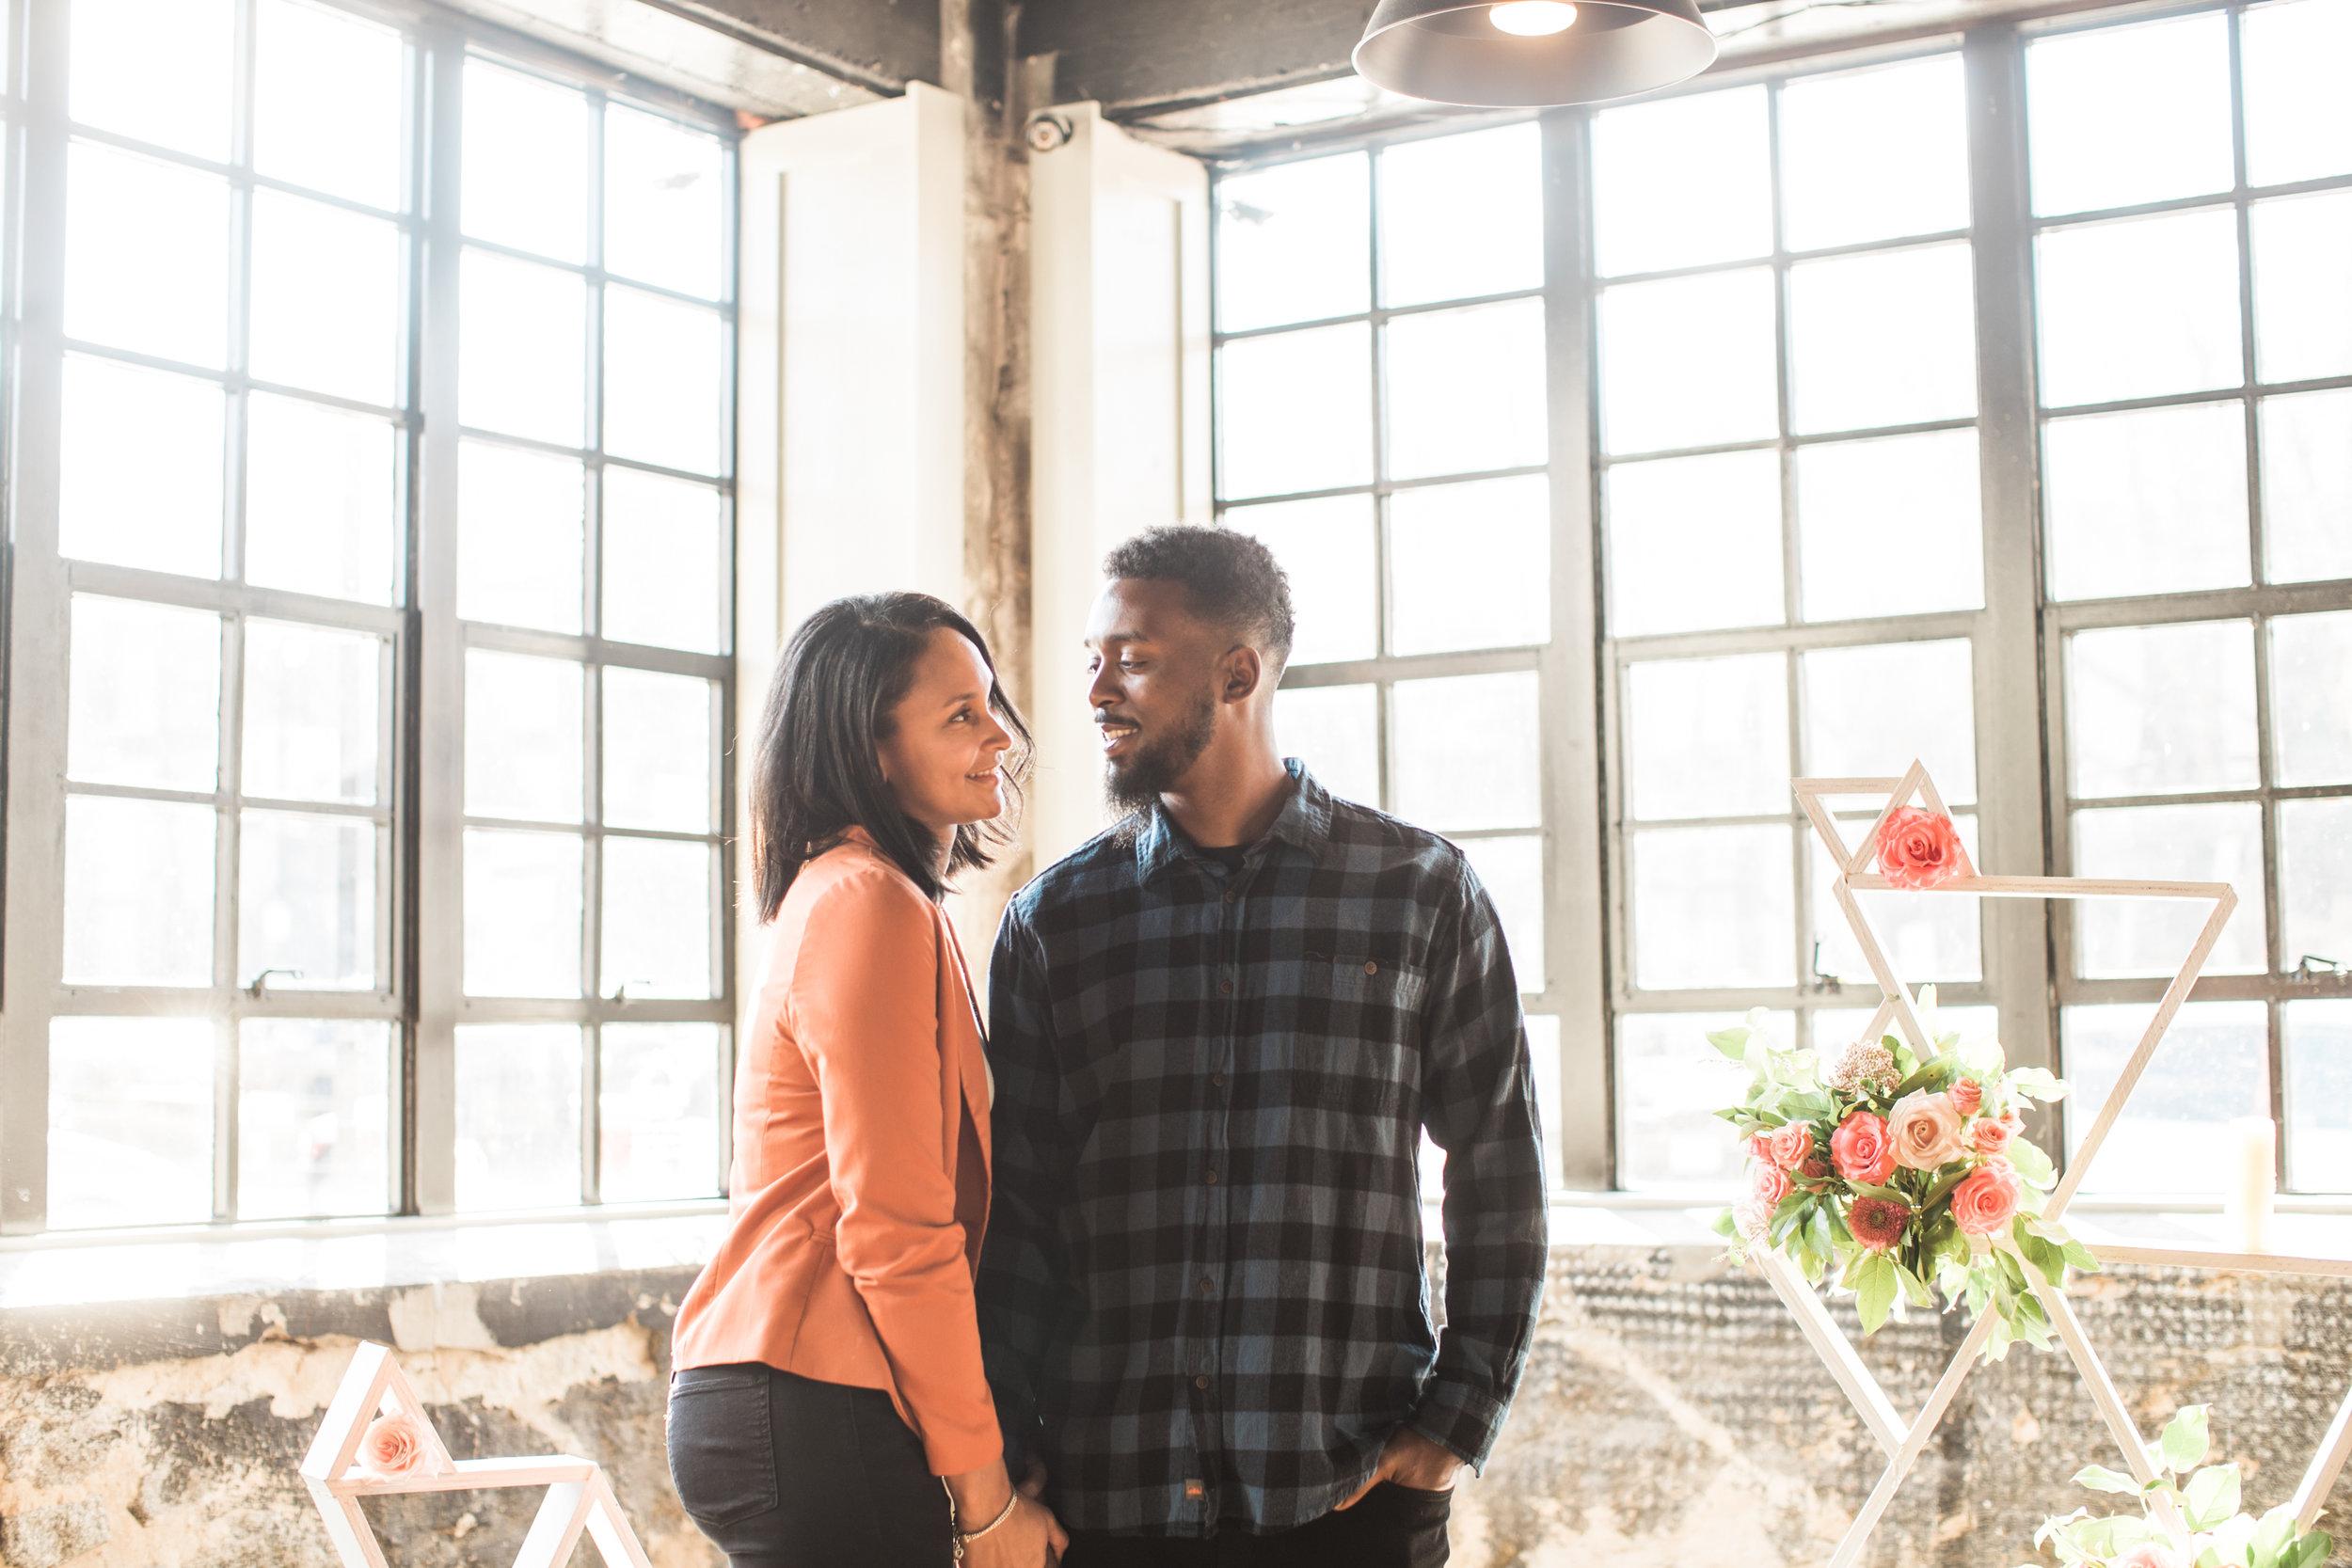 Black engaged couple maryland wedding photographer megapixels media photography main street ballroom ellicott city-9.jpg